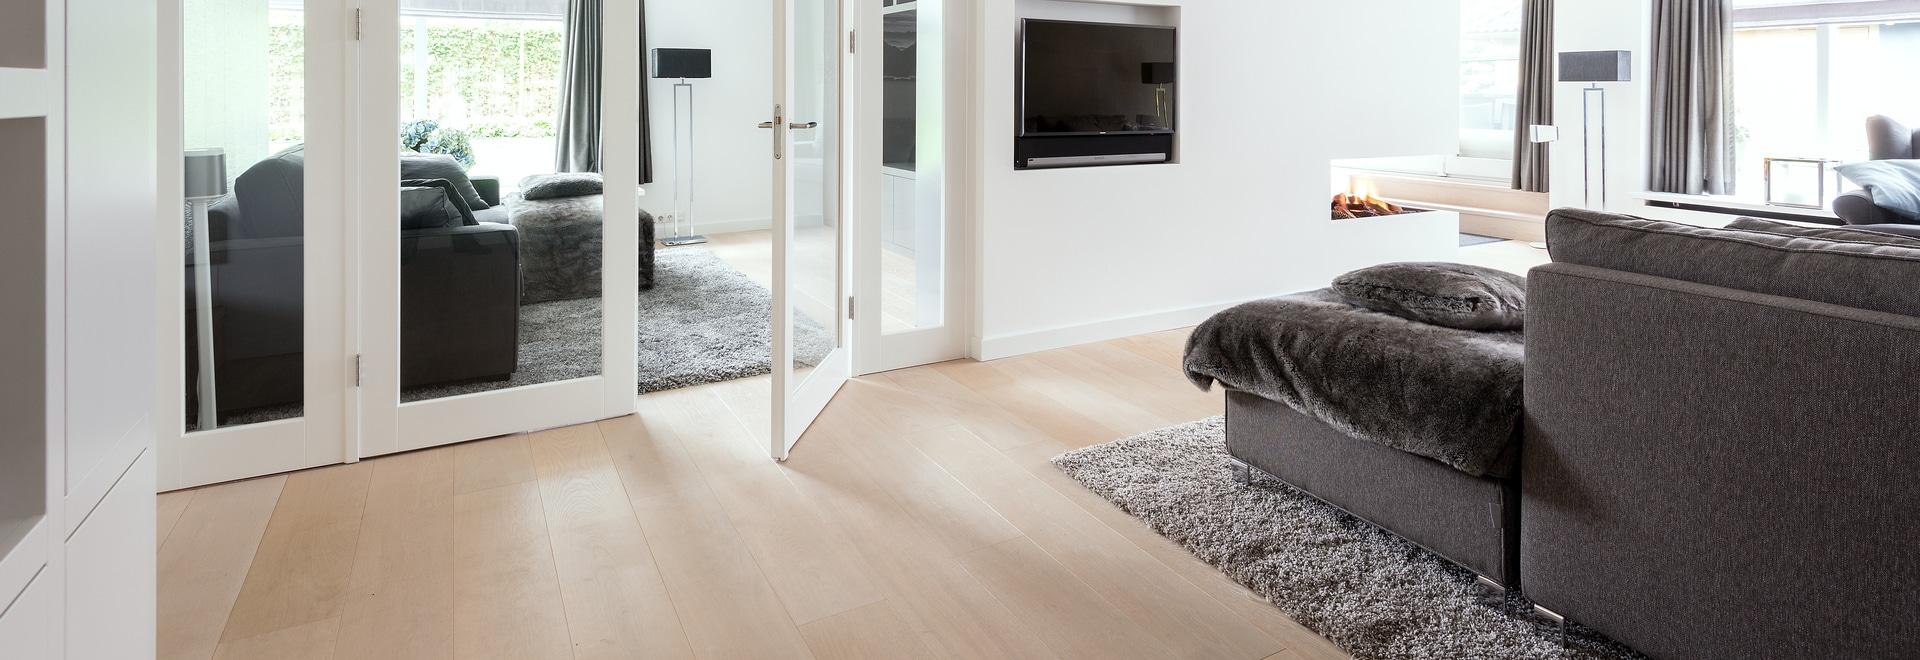 Dennebos ha costruito il pavimento della quercia nel colore W.08